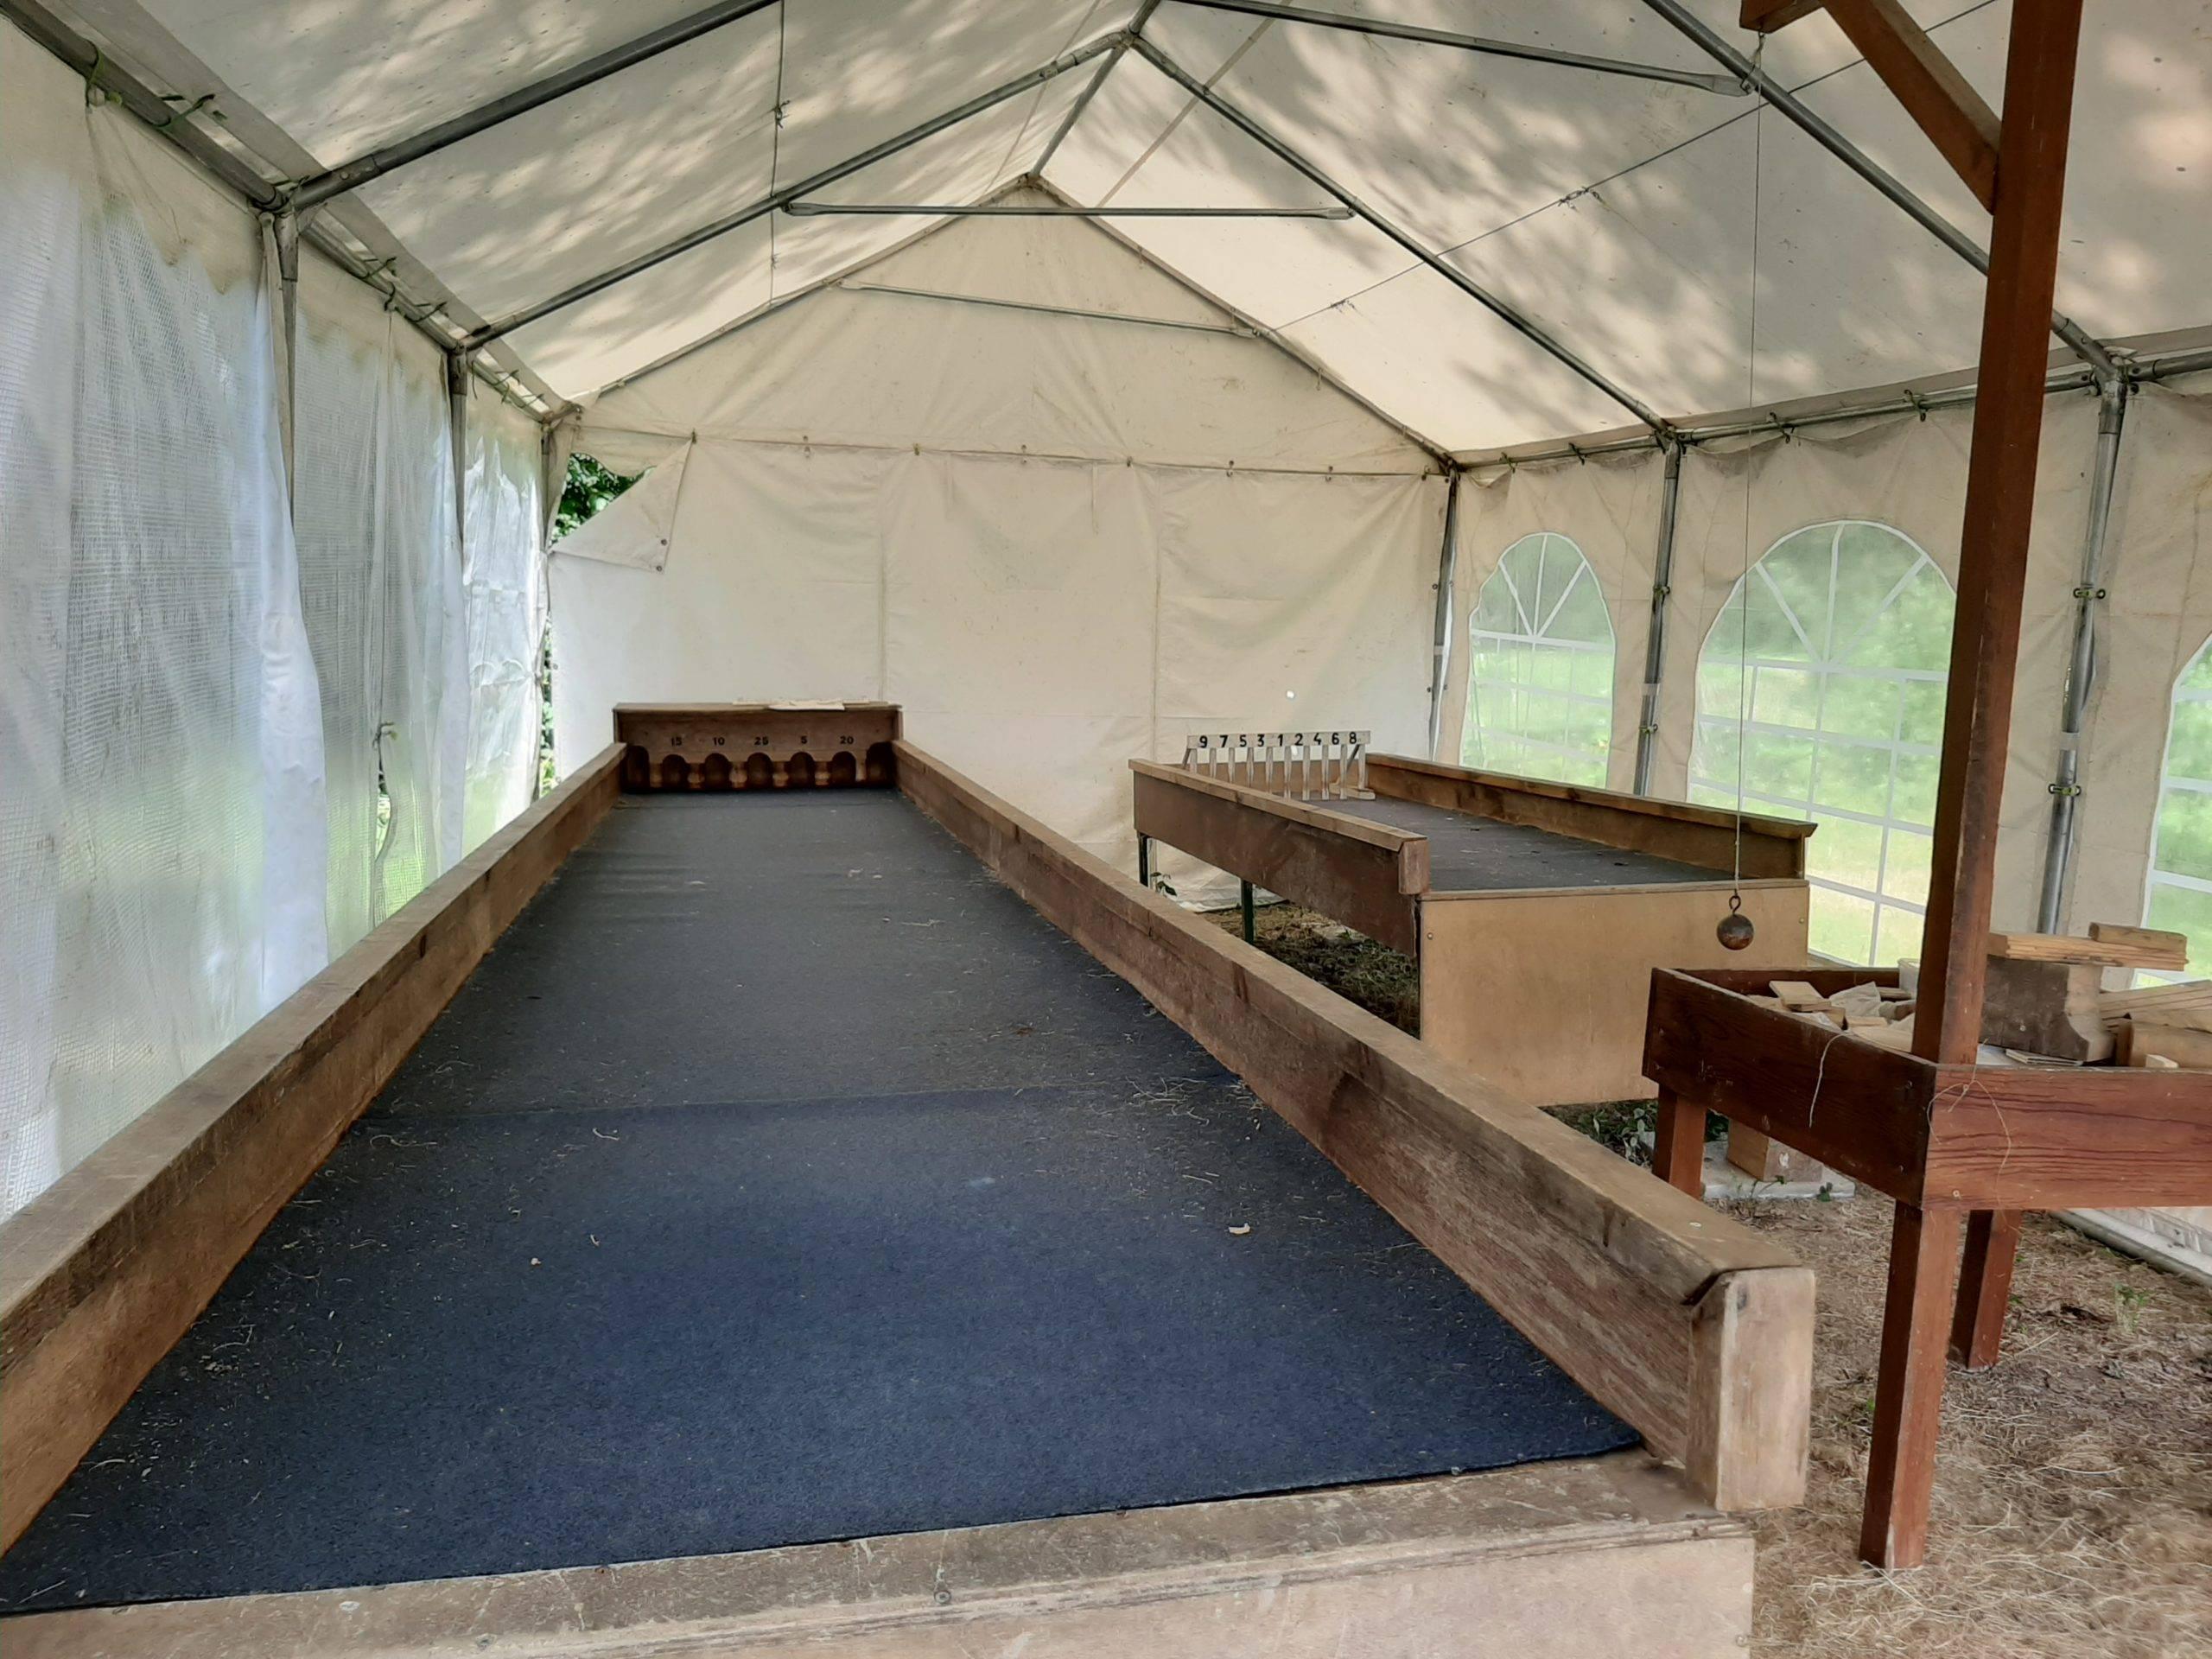 Camping La Chaumière jeux flamands en bois